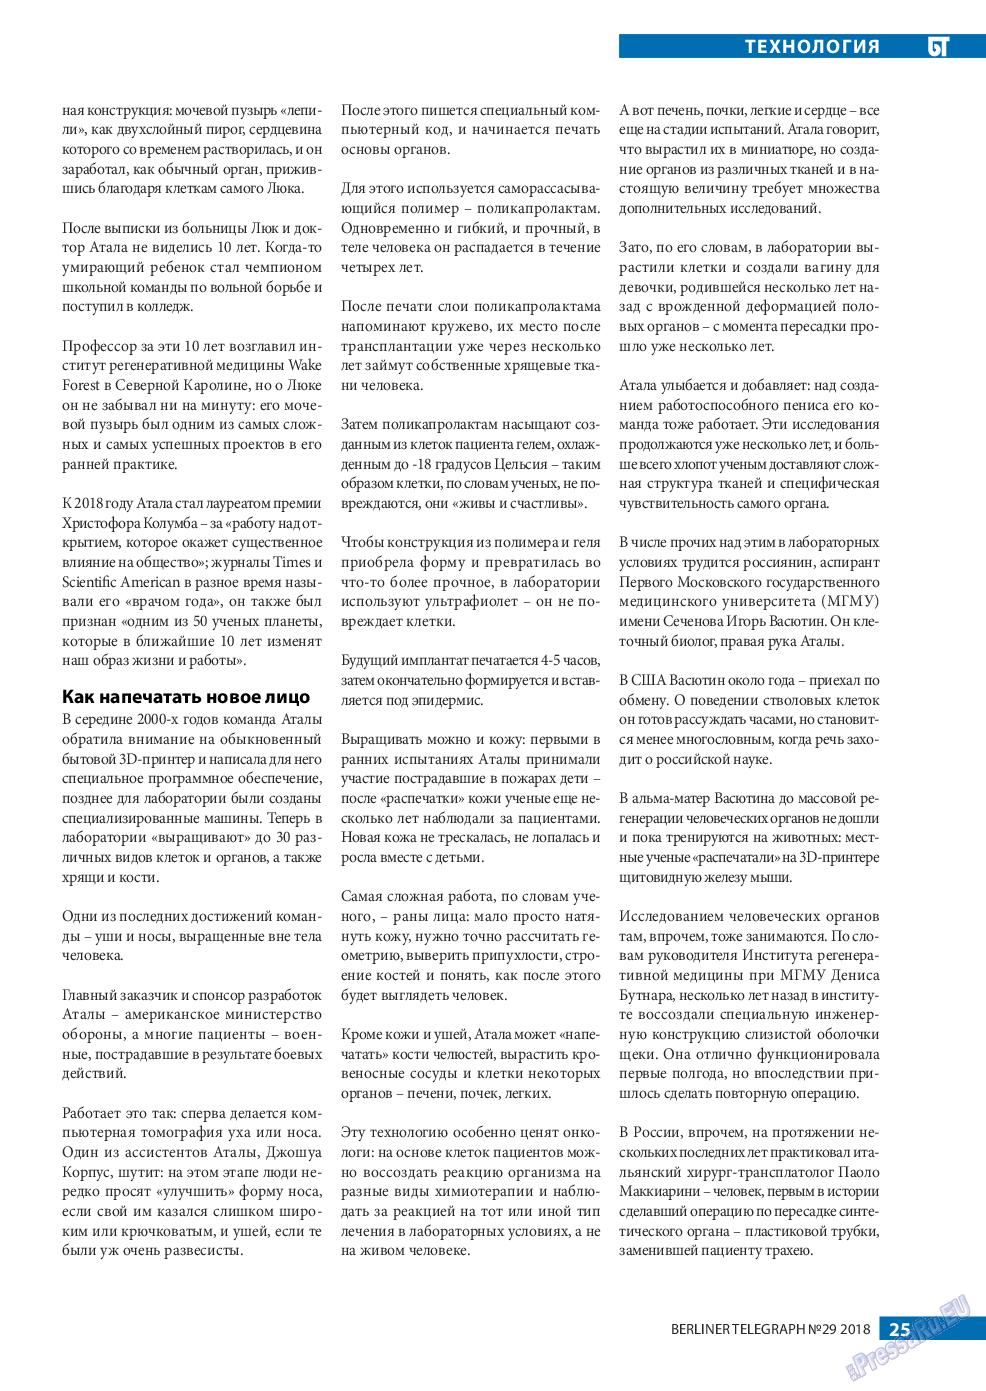 Берлинский телеграф (журнал). 2018 год, номер 29, стр. 25